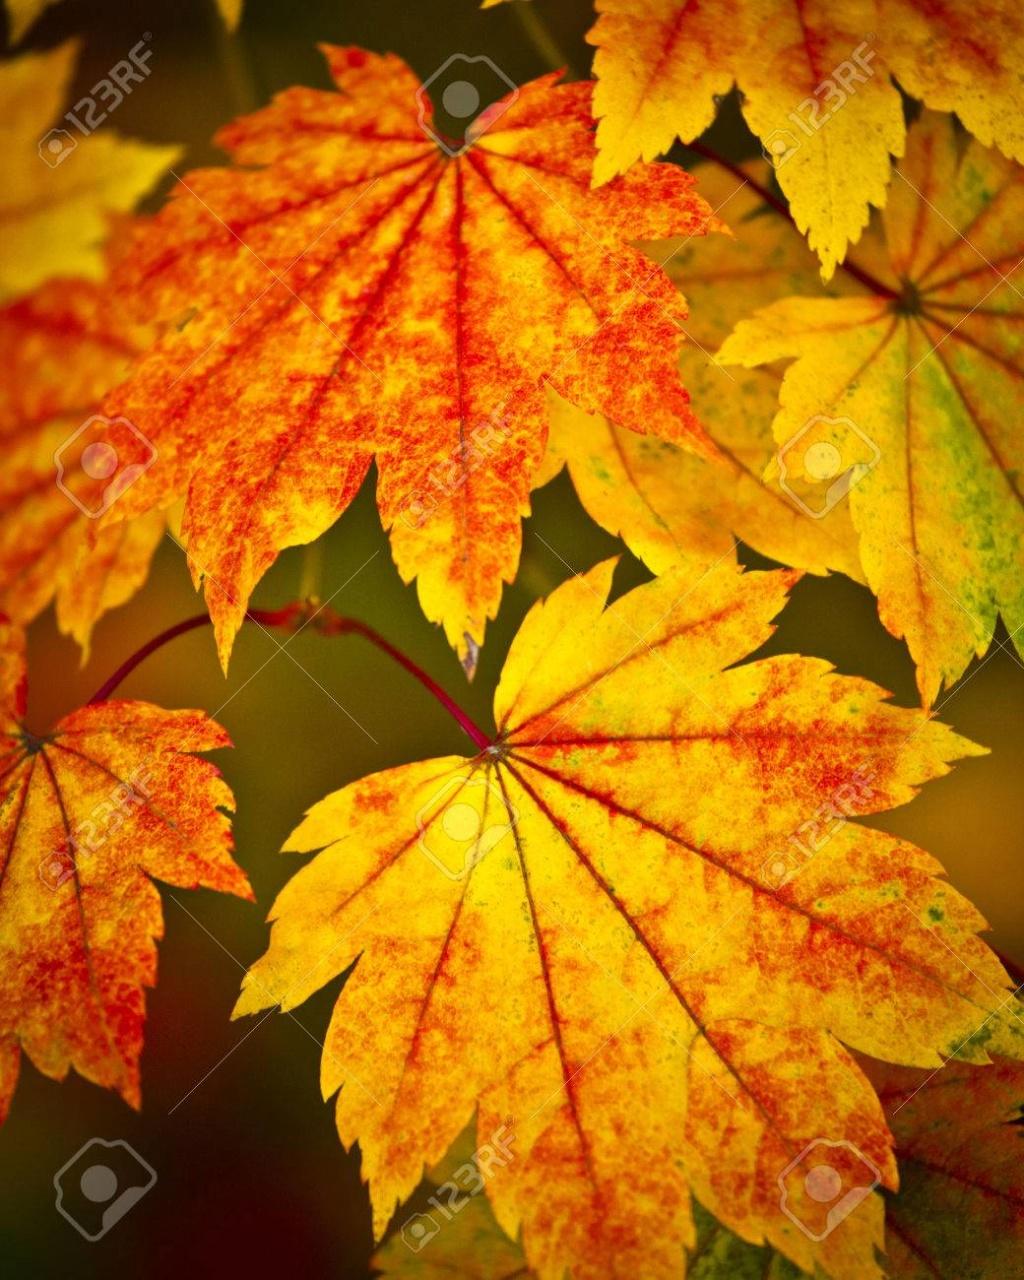 Belles images d'automne  29780010